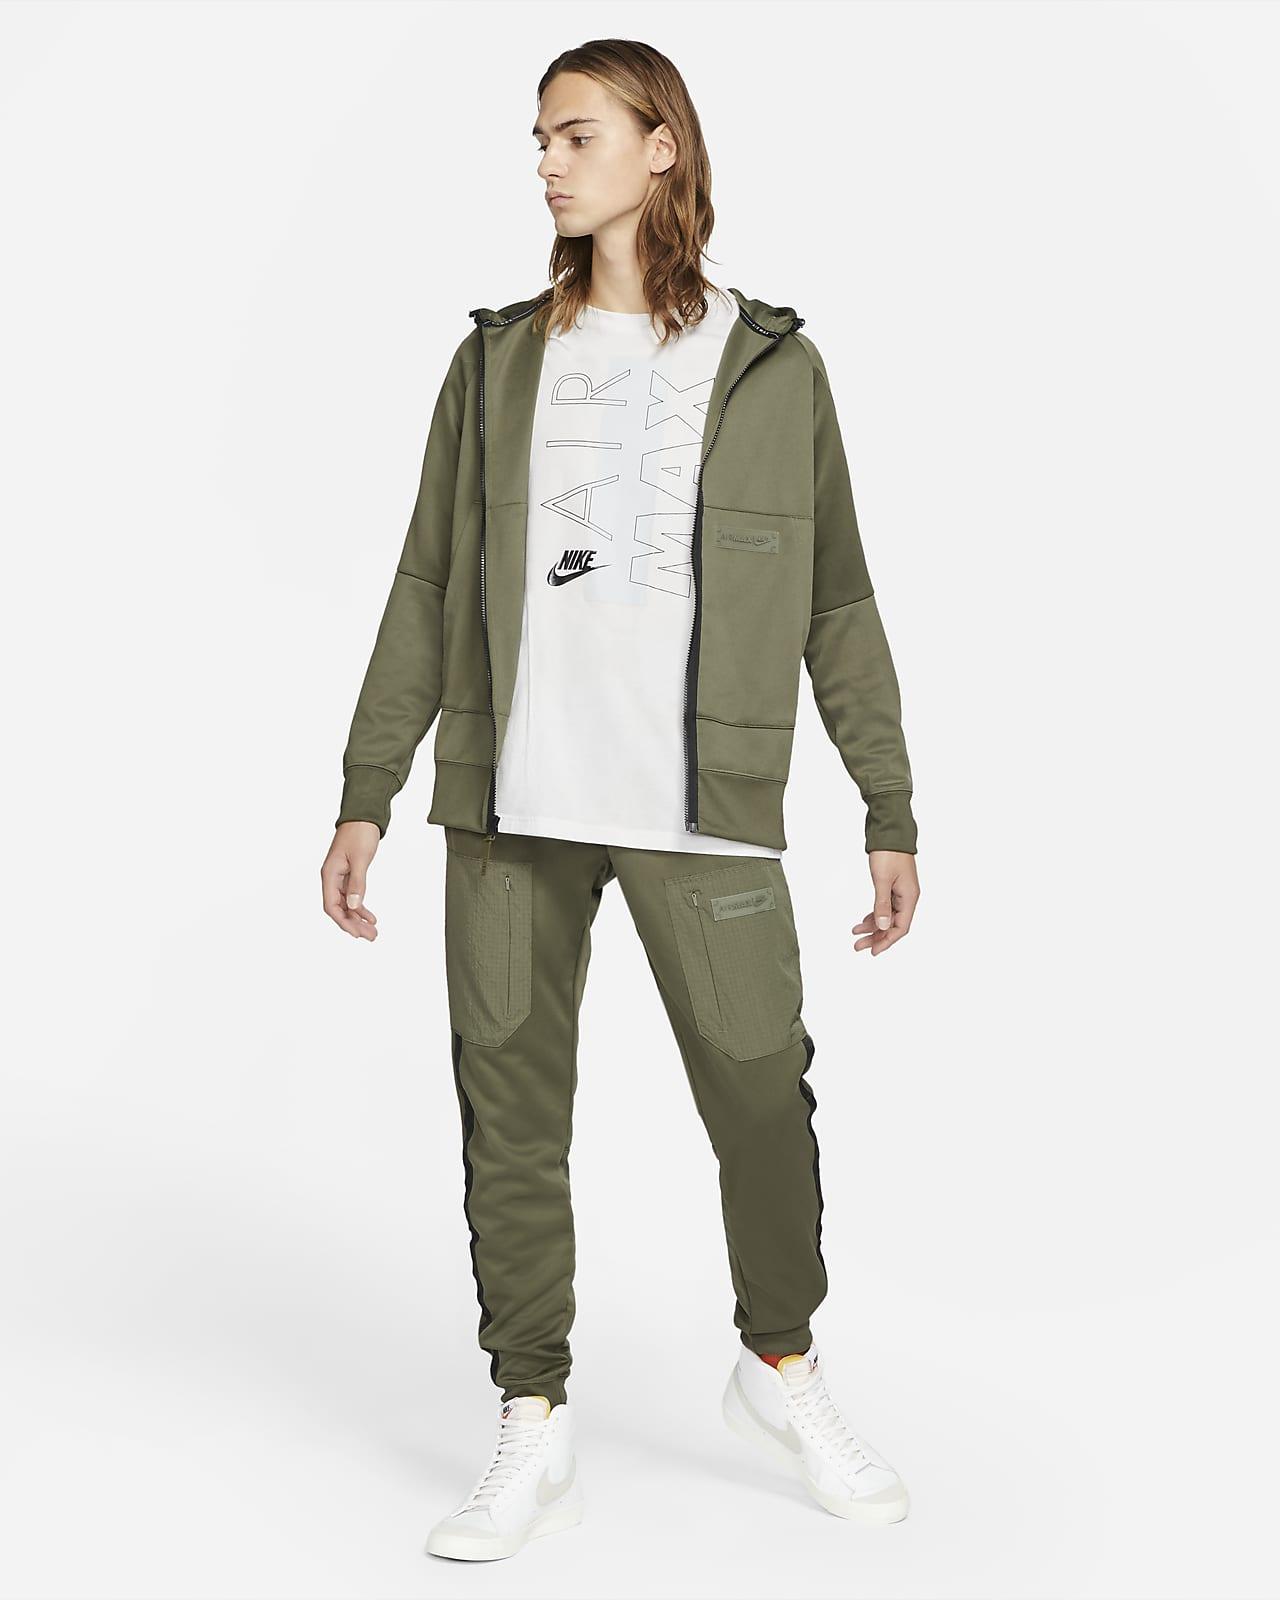 Nike Sportswear Air Max Men's Full-Zip Hoodie